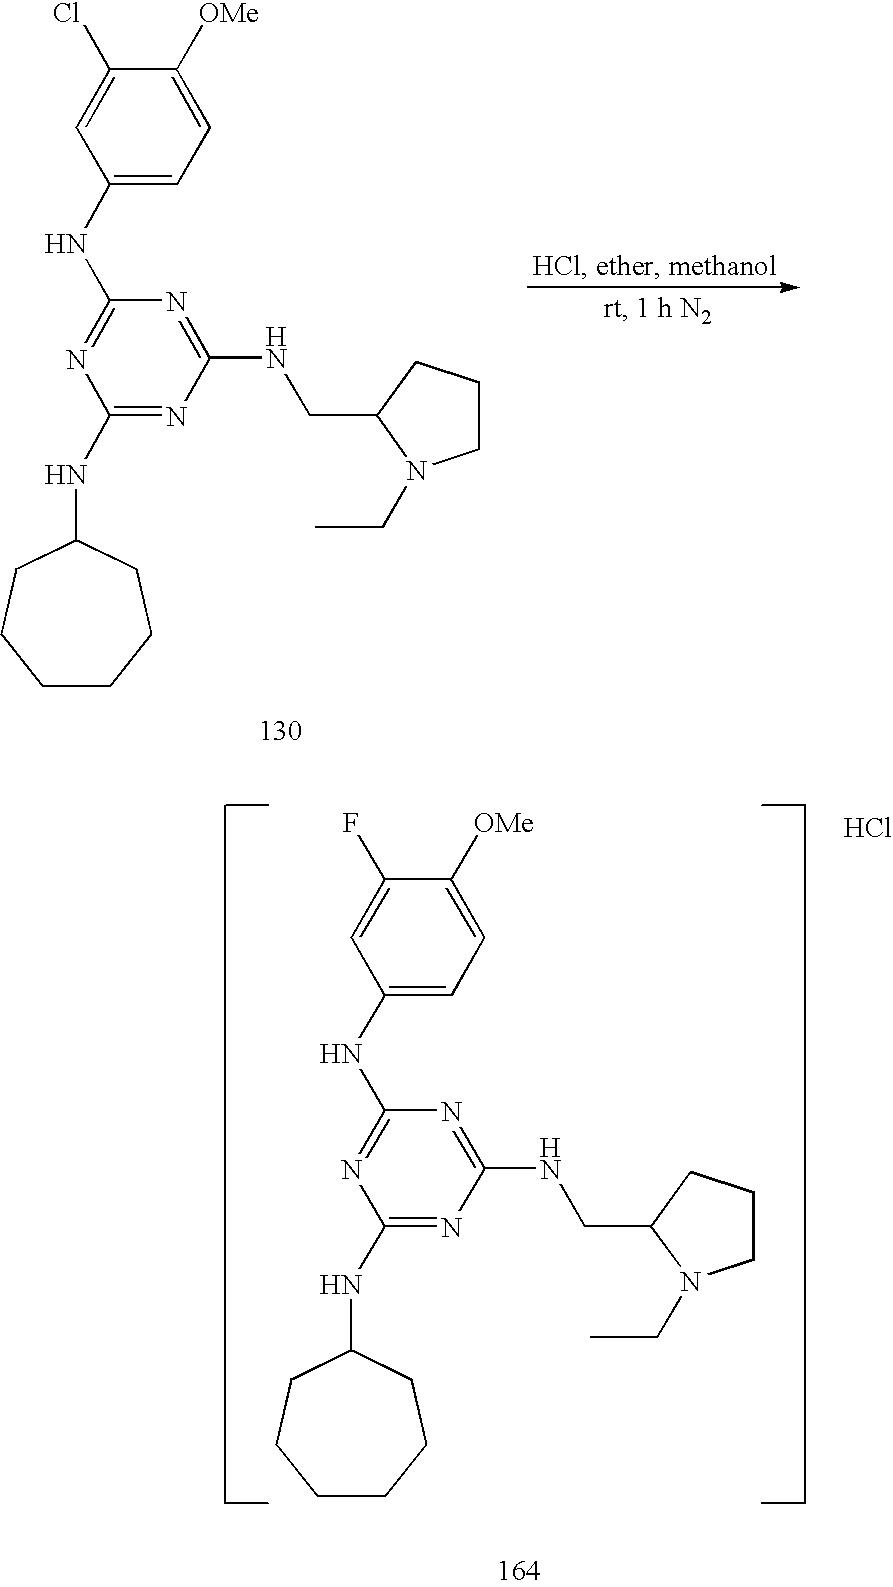 Figure US20050113341A1-20050526-C00185